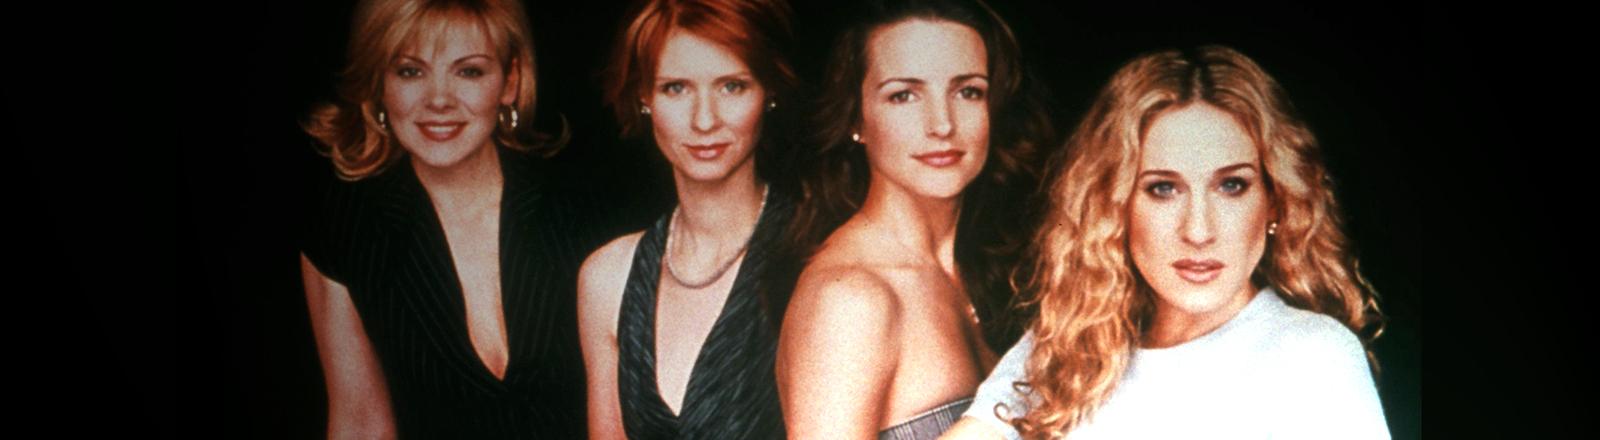 Die Schauspielerinnen Cynthia Nixon, Kristin Davis, Kim Cattrall und Sarah Jessica Parker sitzen nebeneinander; Bild: dpa